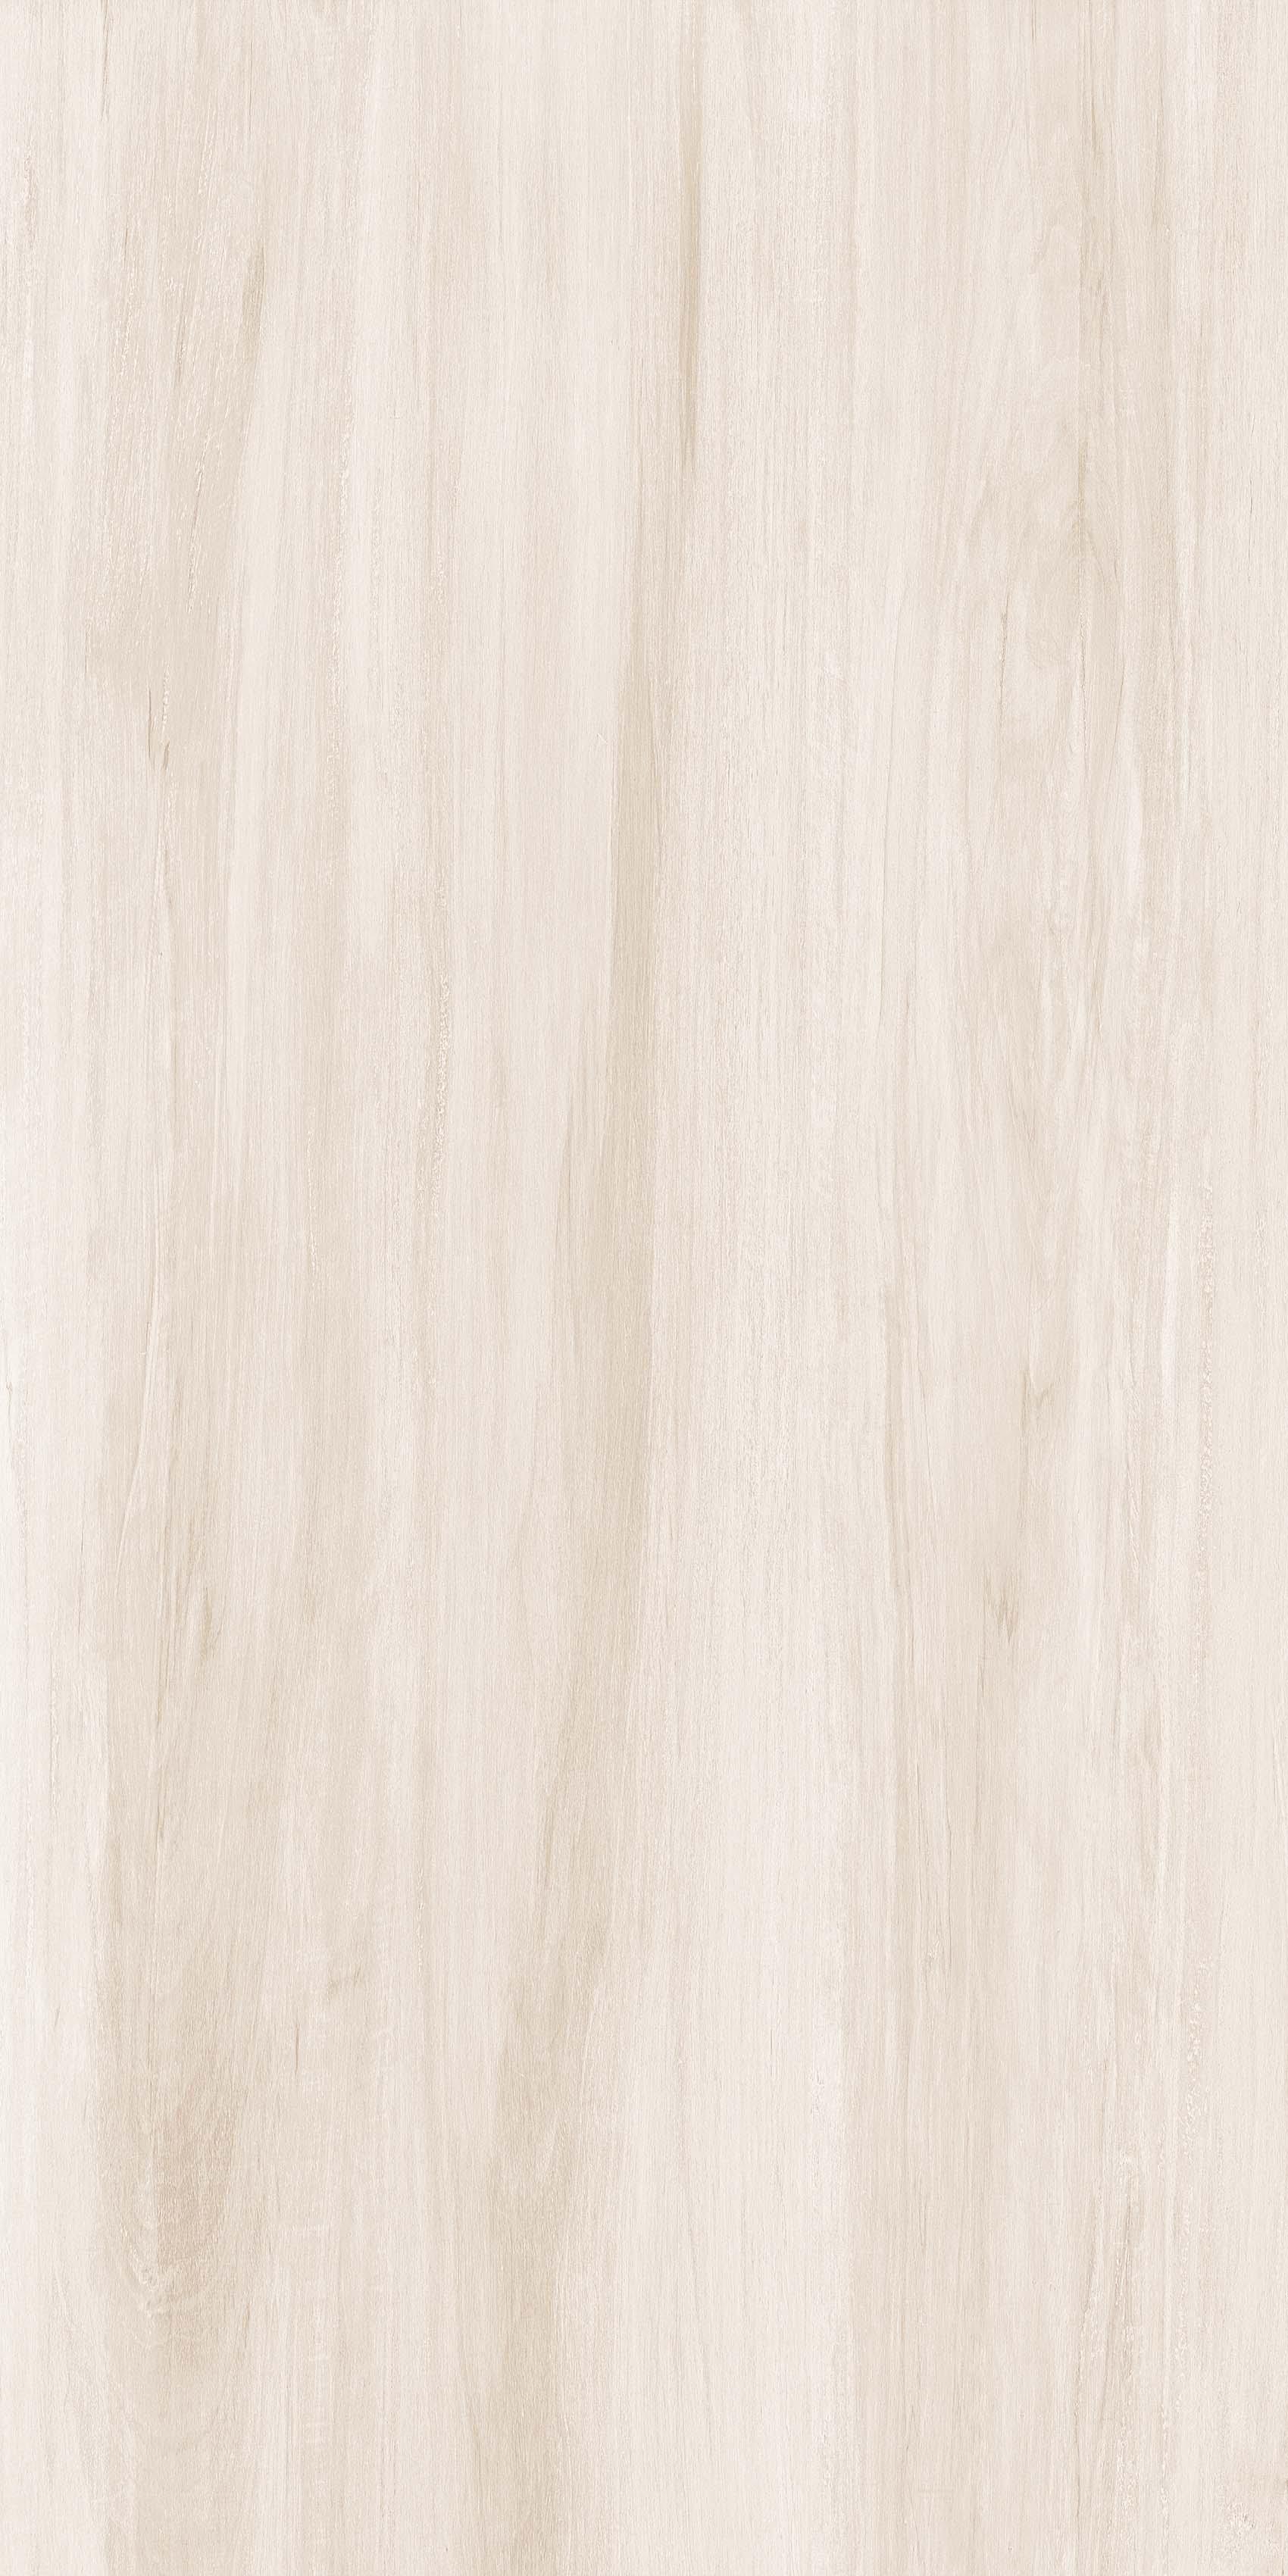 OFTD15010 薄暮森林